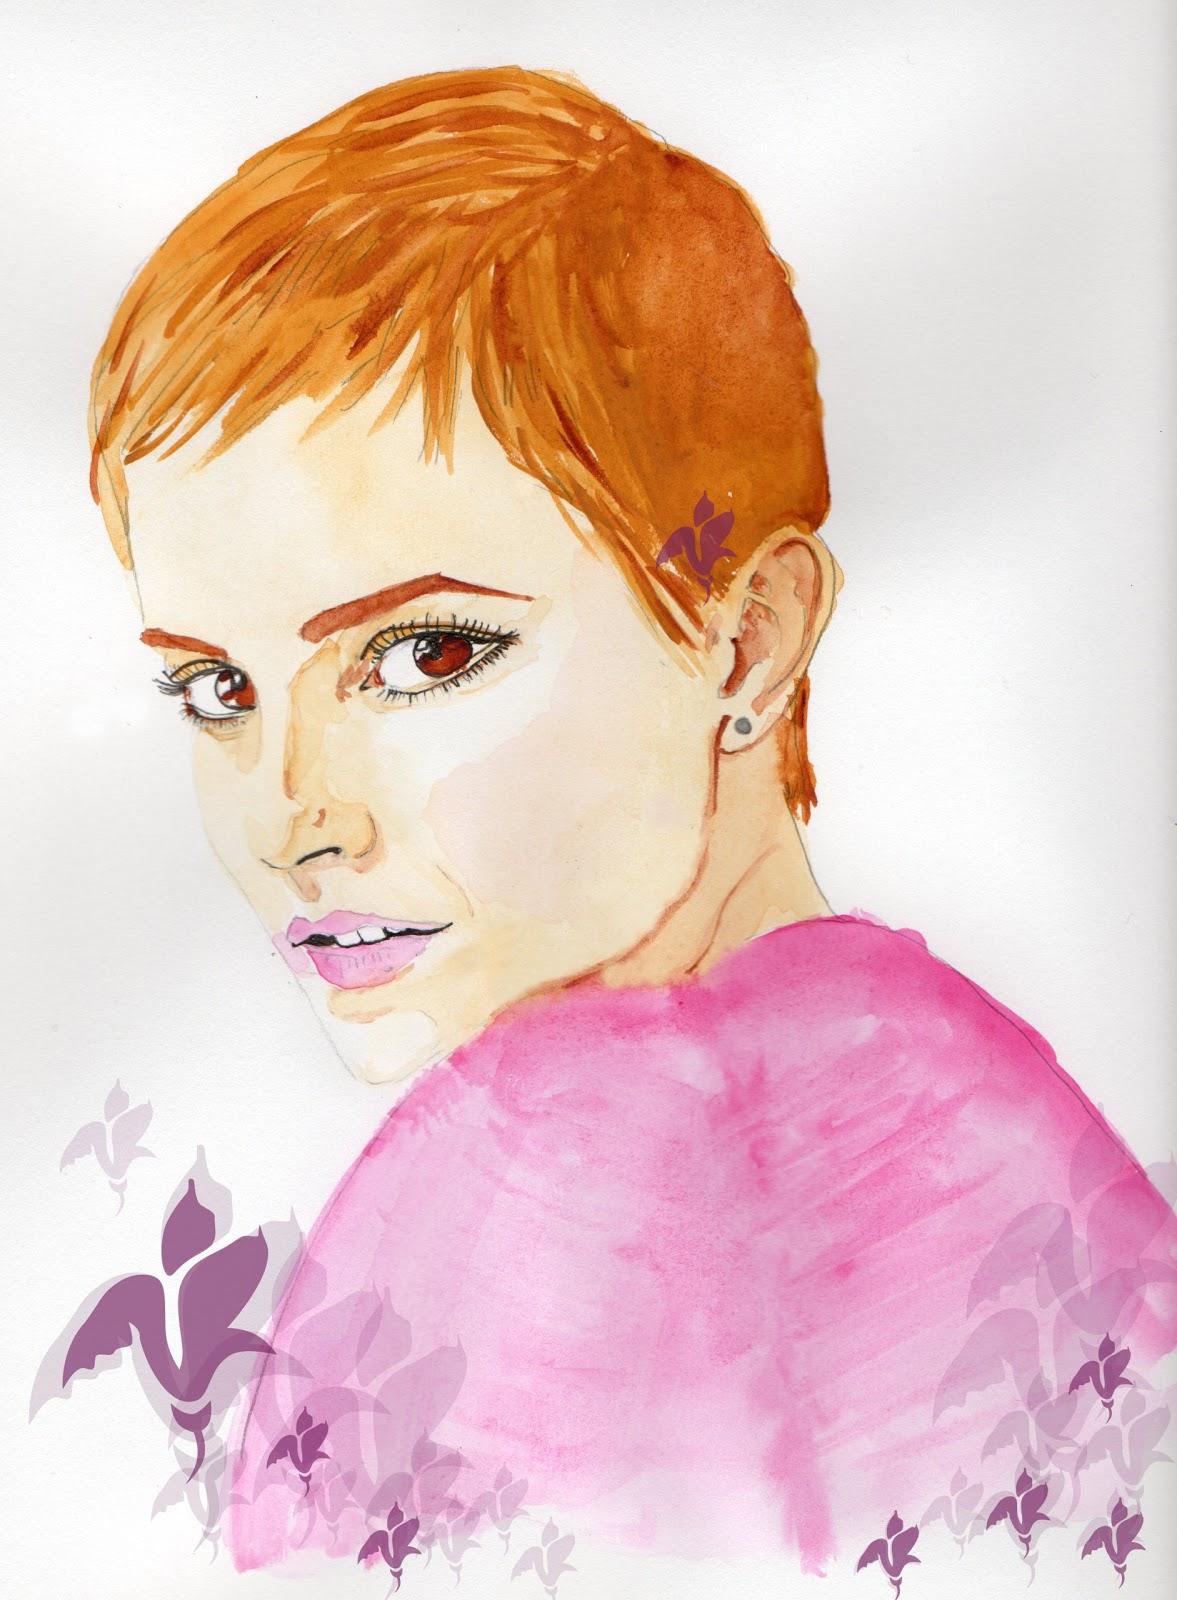 http://2.bp.blogspot.com/_ybOkOq-N2yY/TN_cX1iy7GI/AAAAAAAAALk/T5wHygflxhE/s1600/Emma+Watson1.jpg